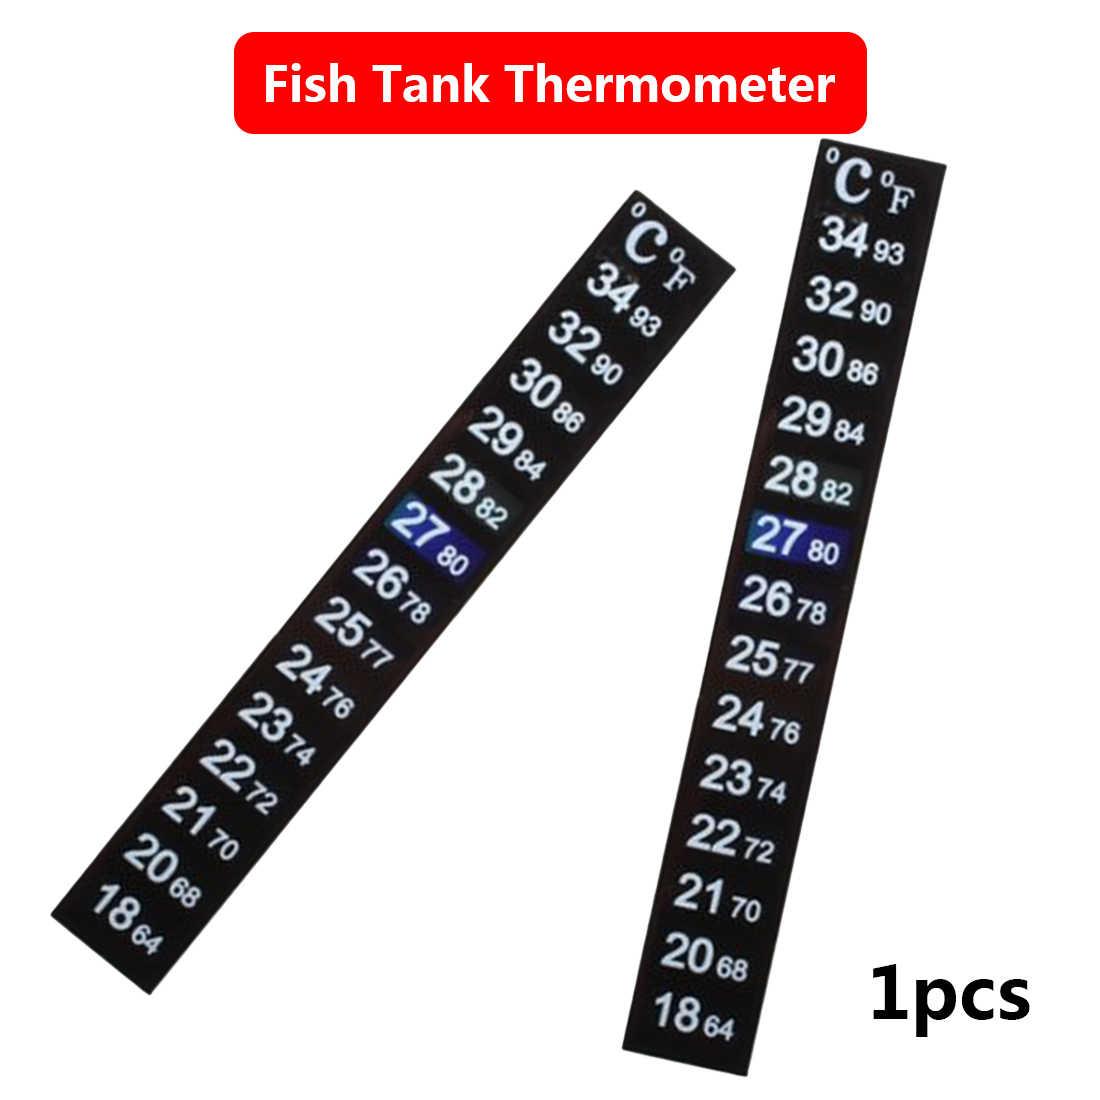 Aquarium Fish Tank Thermometer Temperature Sticker Aquarium Accessories Digital Dual Scale Stick-on High Quality Durable